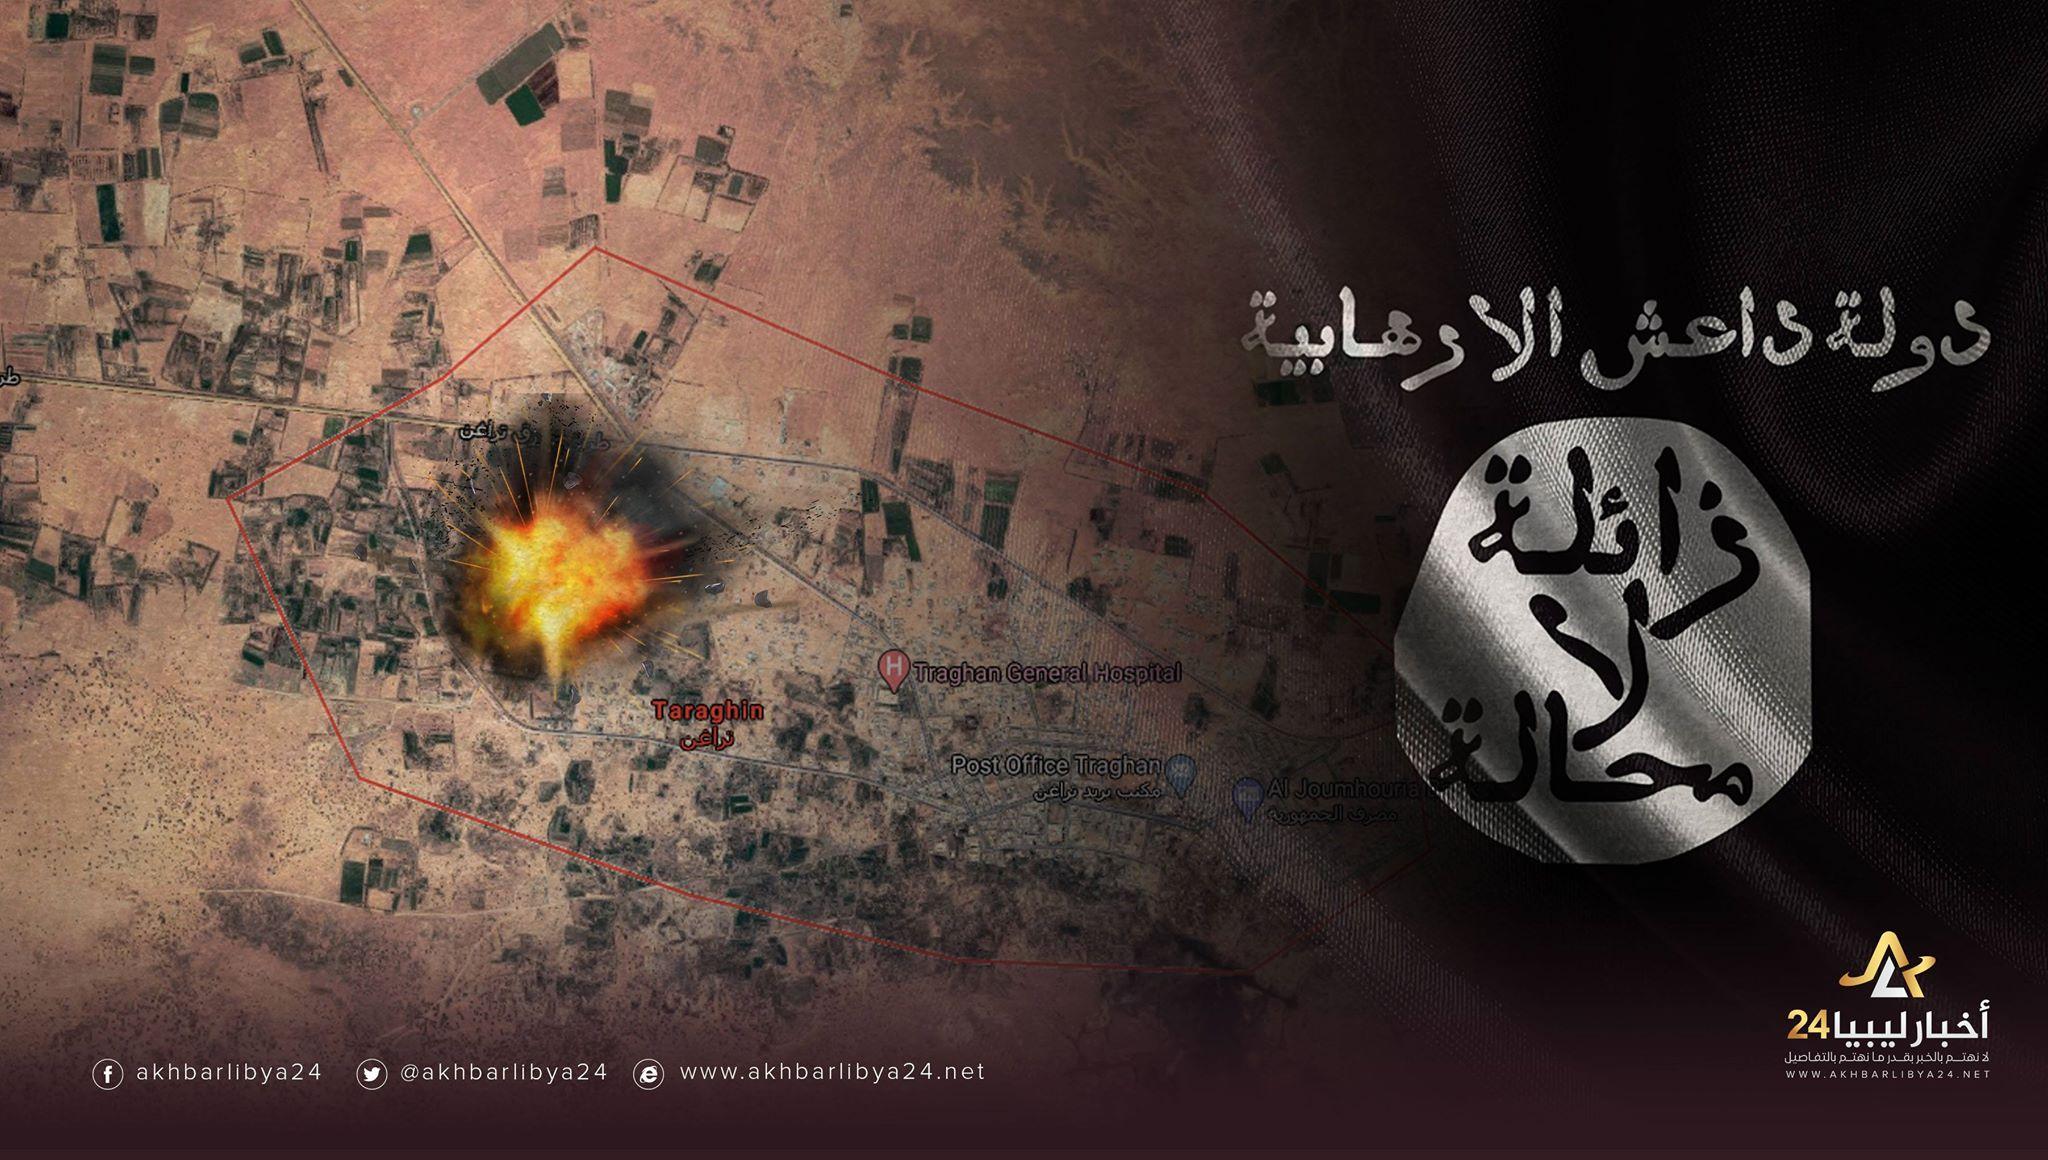 صورة عمليات إرهابية في تراغن تثير مخاوف عودة الإرهاب إلى الجنوب الليبي مجددا